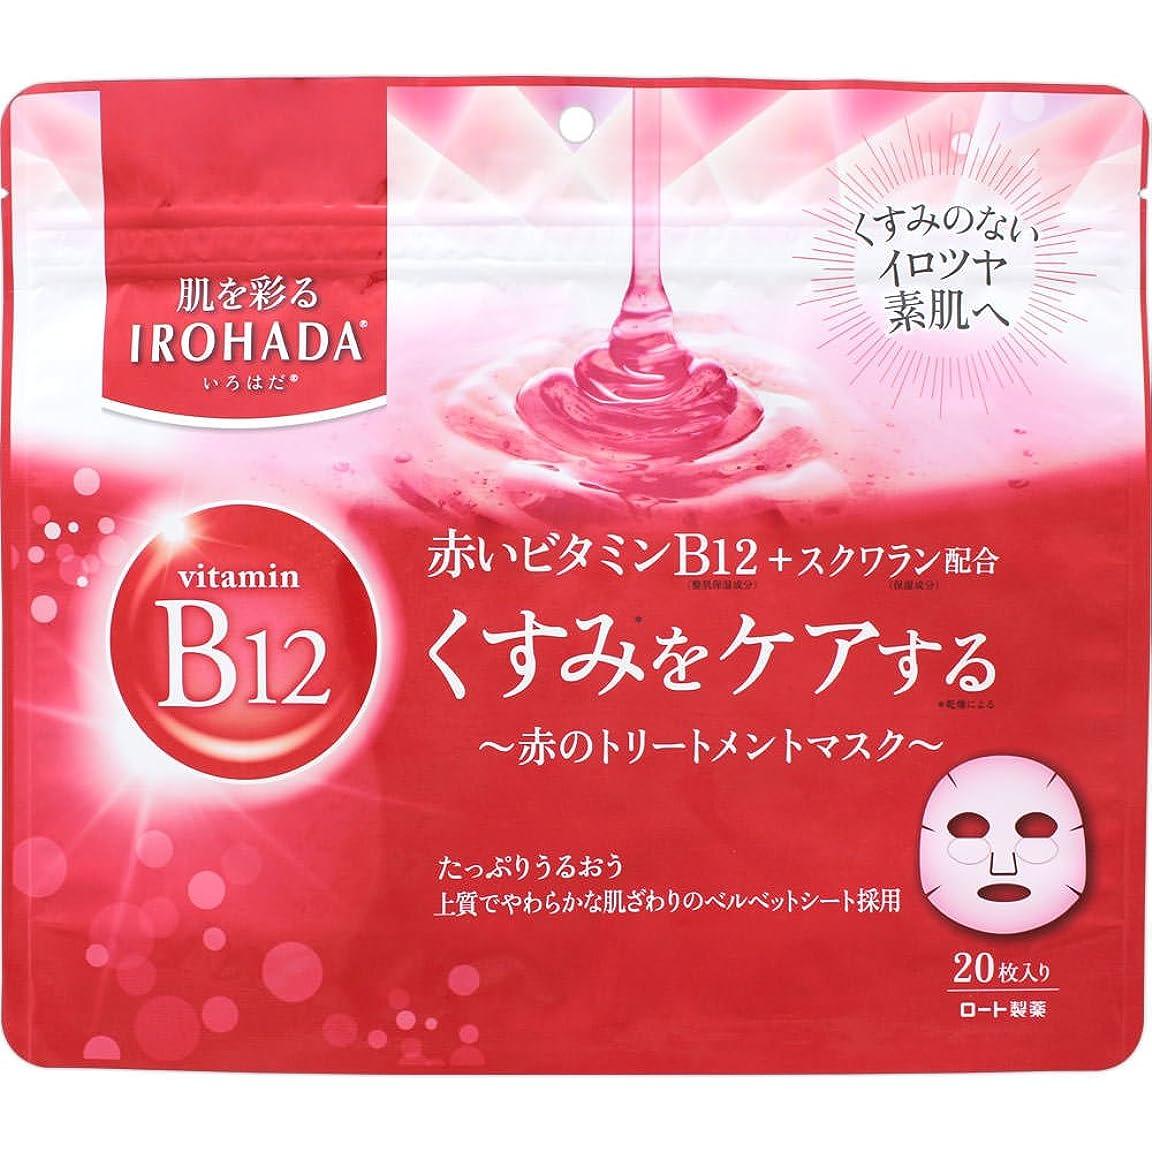 ピニオンその間織機ロート製薬 いろはだ (IROHADA) 赤いビタミンB12×スクワラン配合 トリートメントマスク 20枚入り